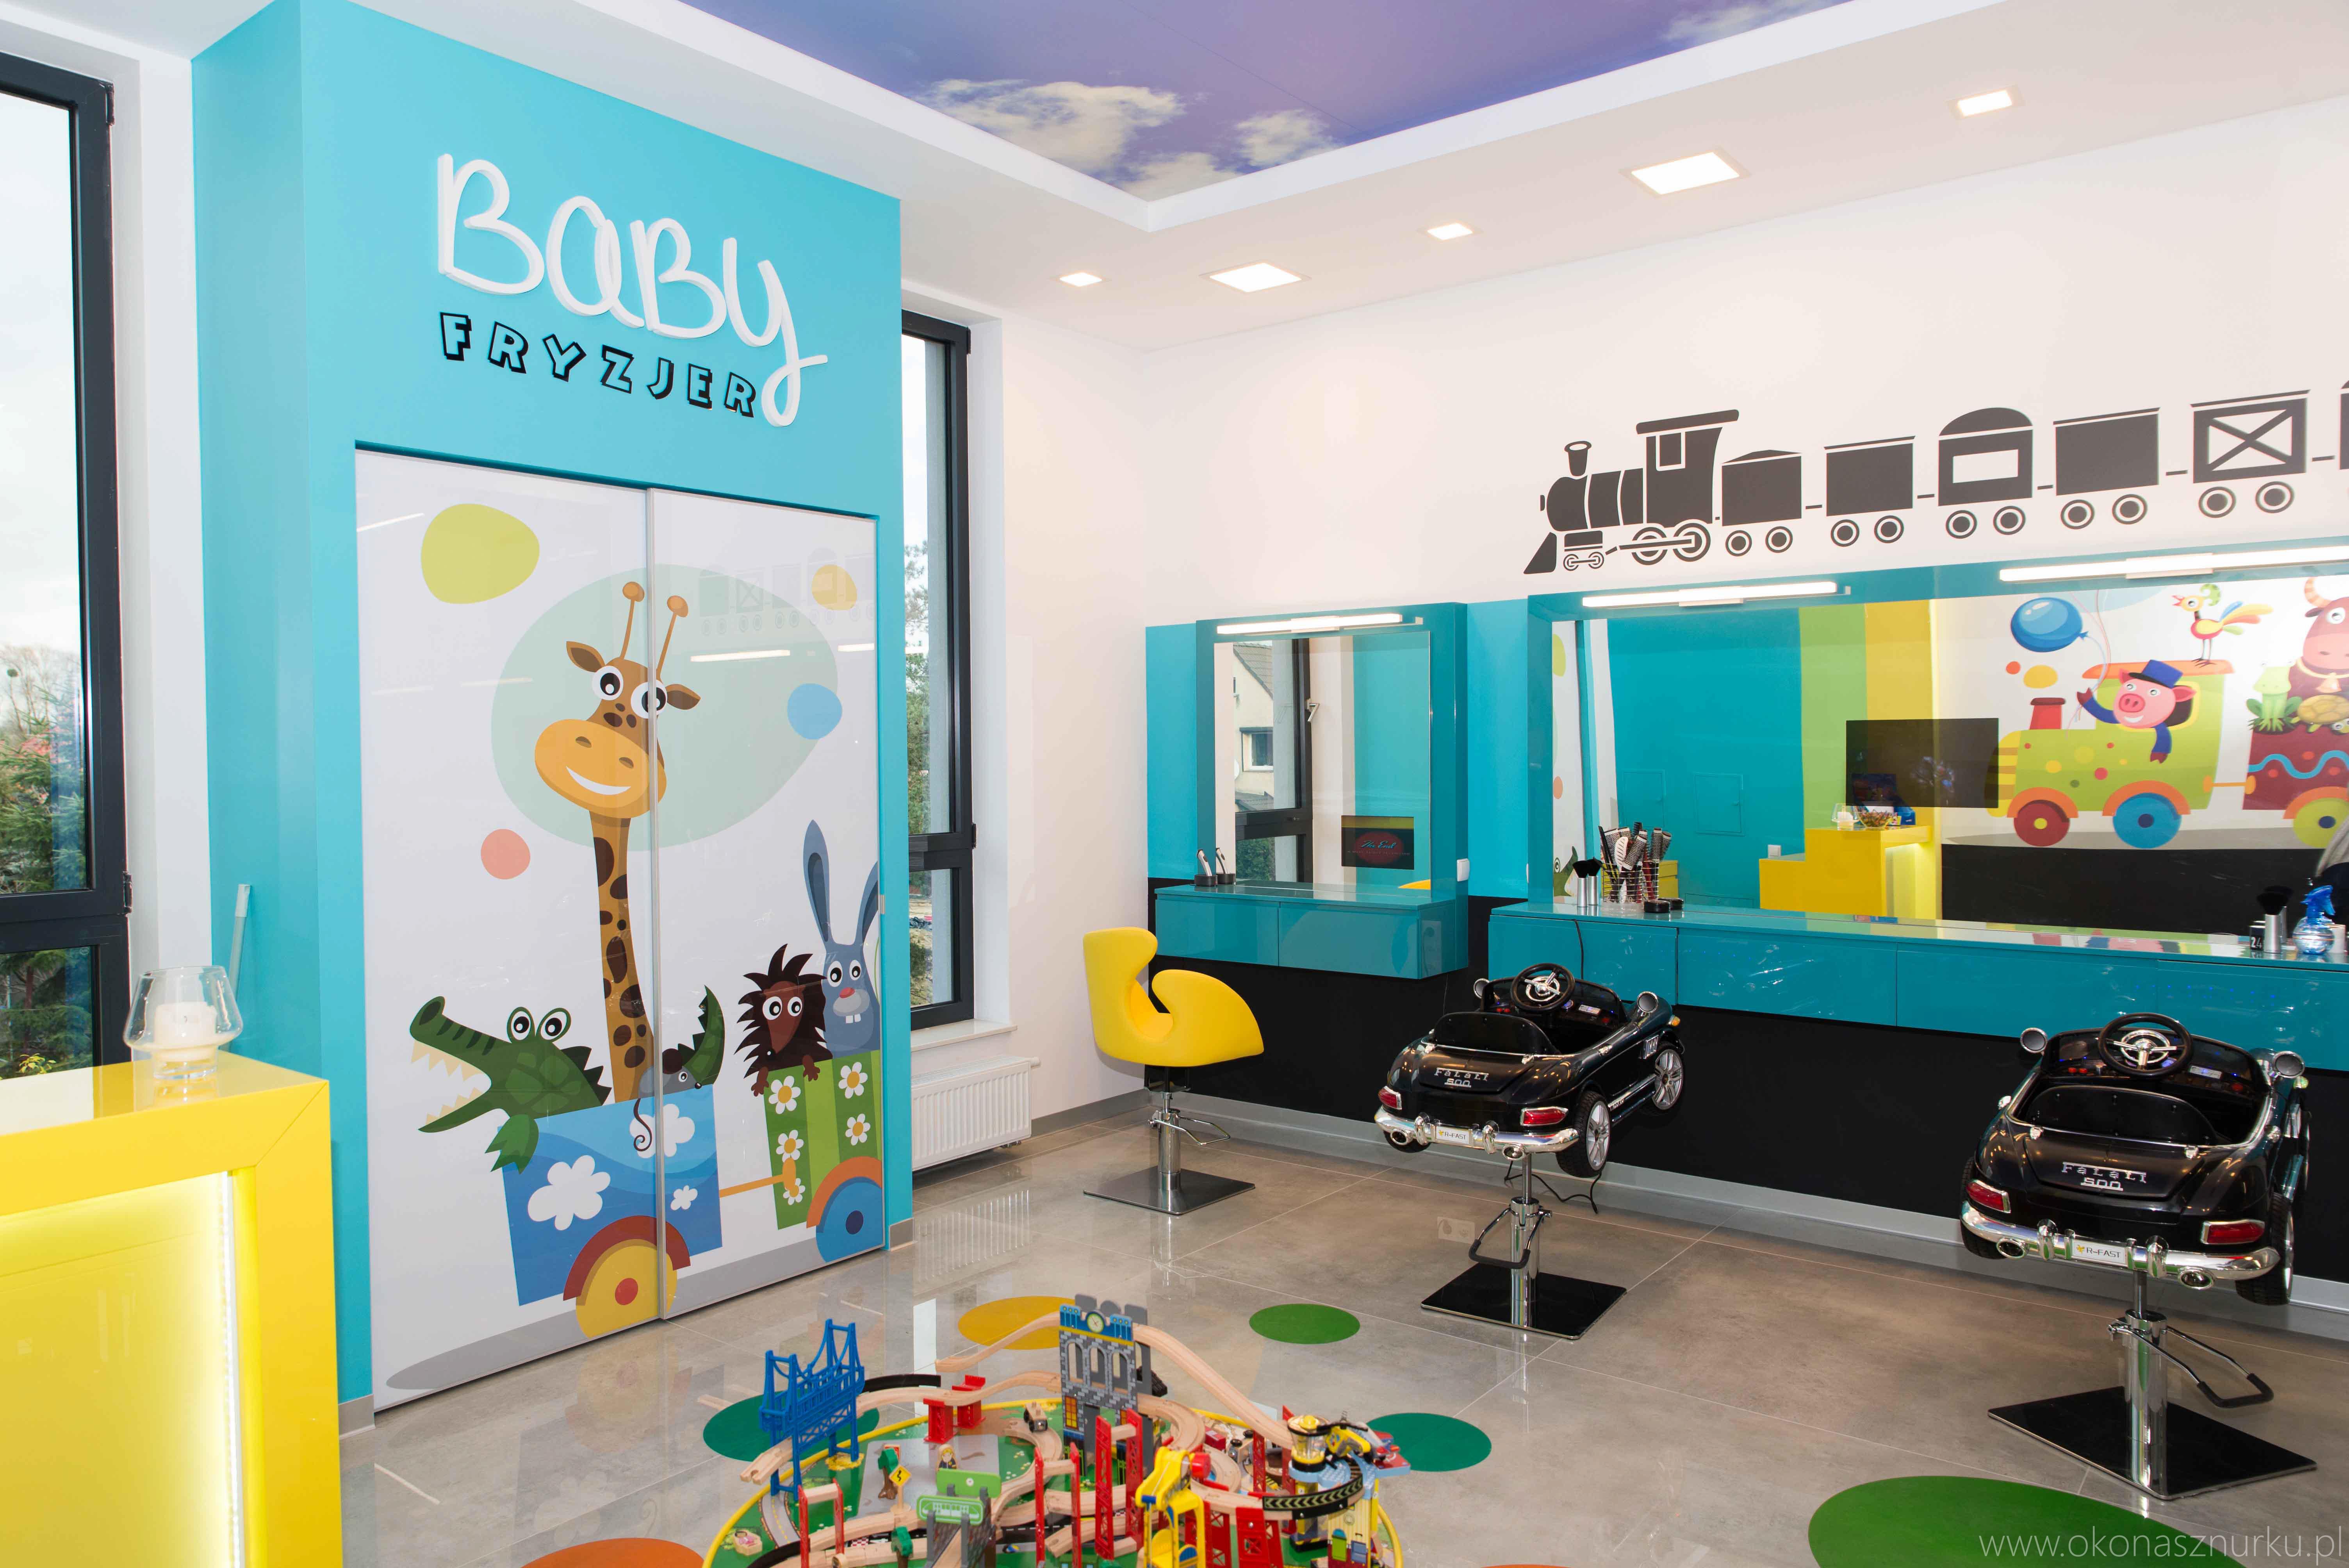 Baby-fryzjer-zdjecia-salon-fryzjerski (16)